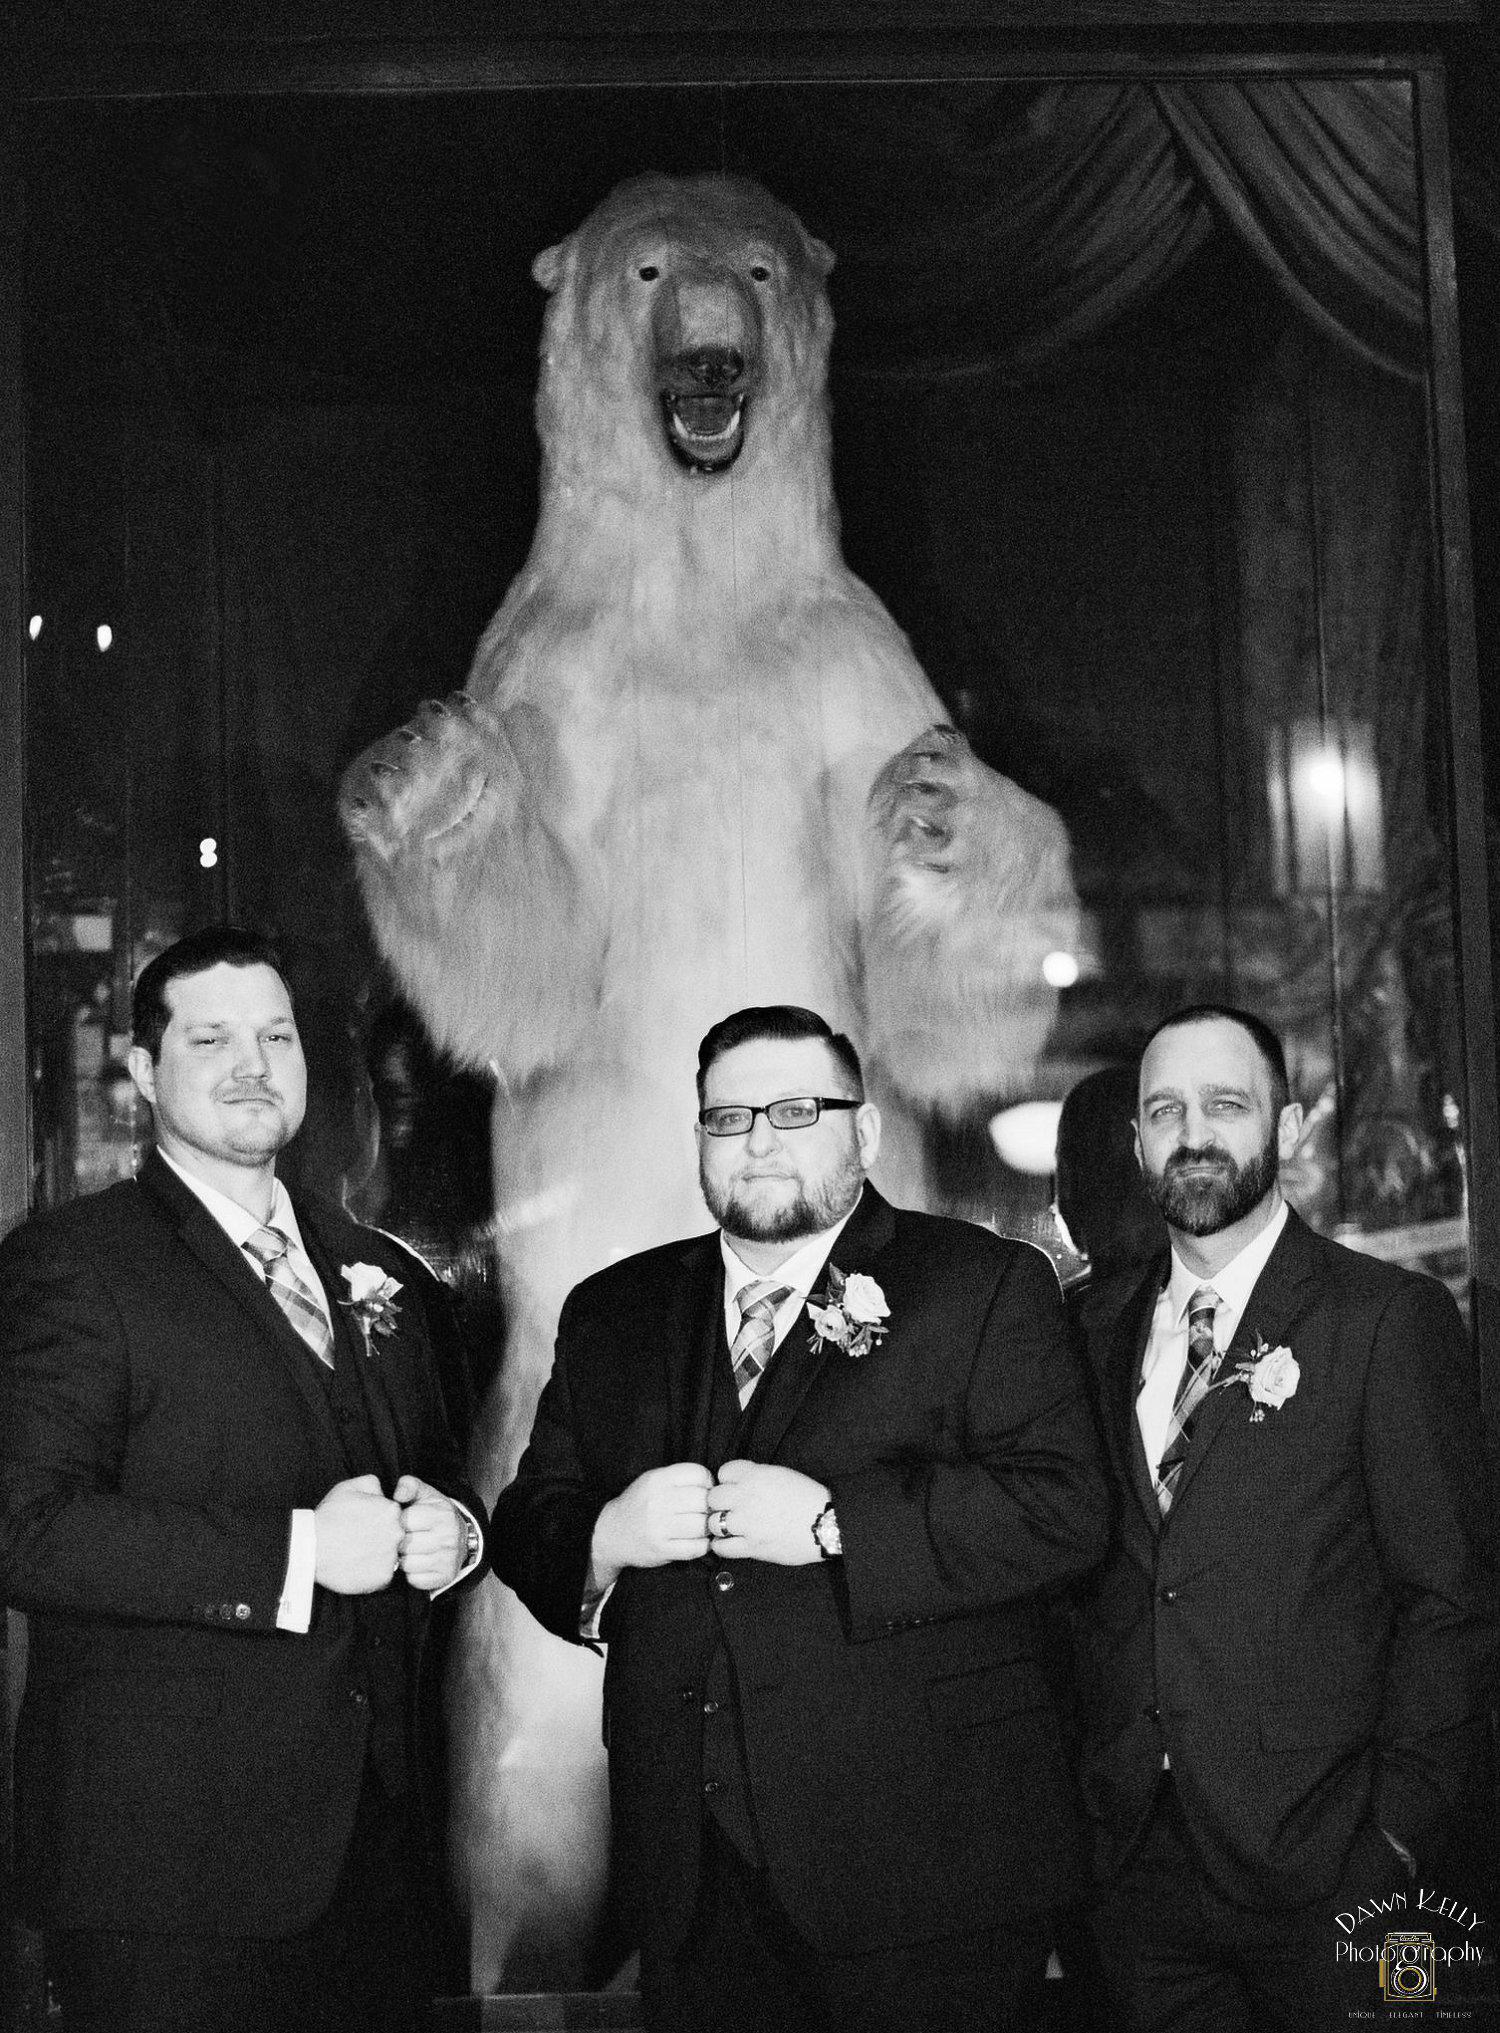 Groomsmen with a polar bear